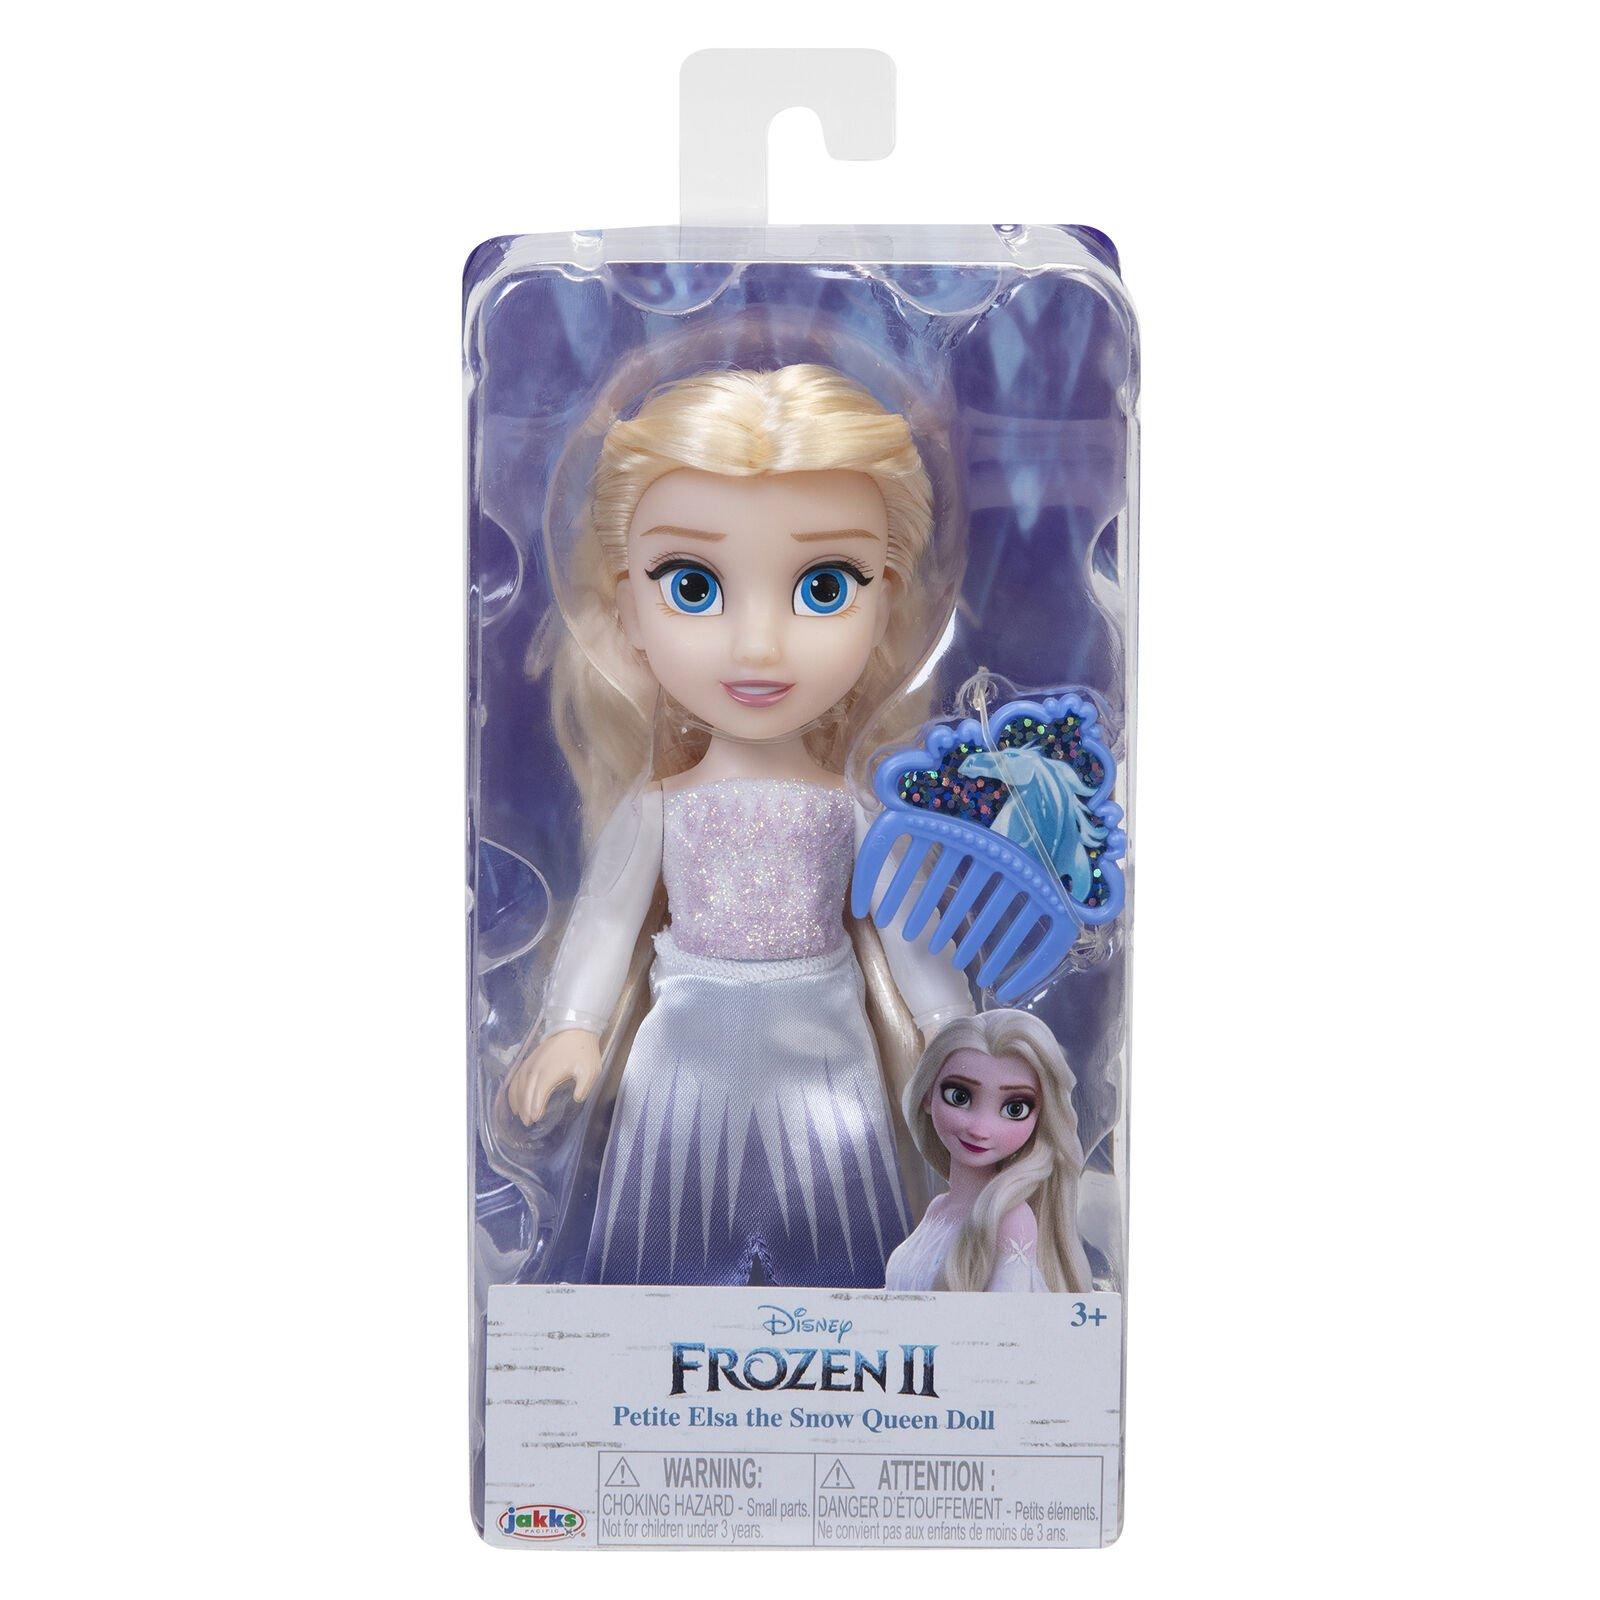 冰雪奇緣2 6吋小小人偶 【艾莎】白